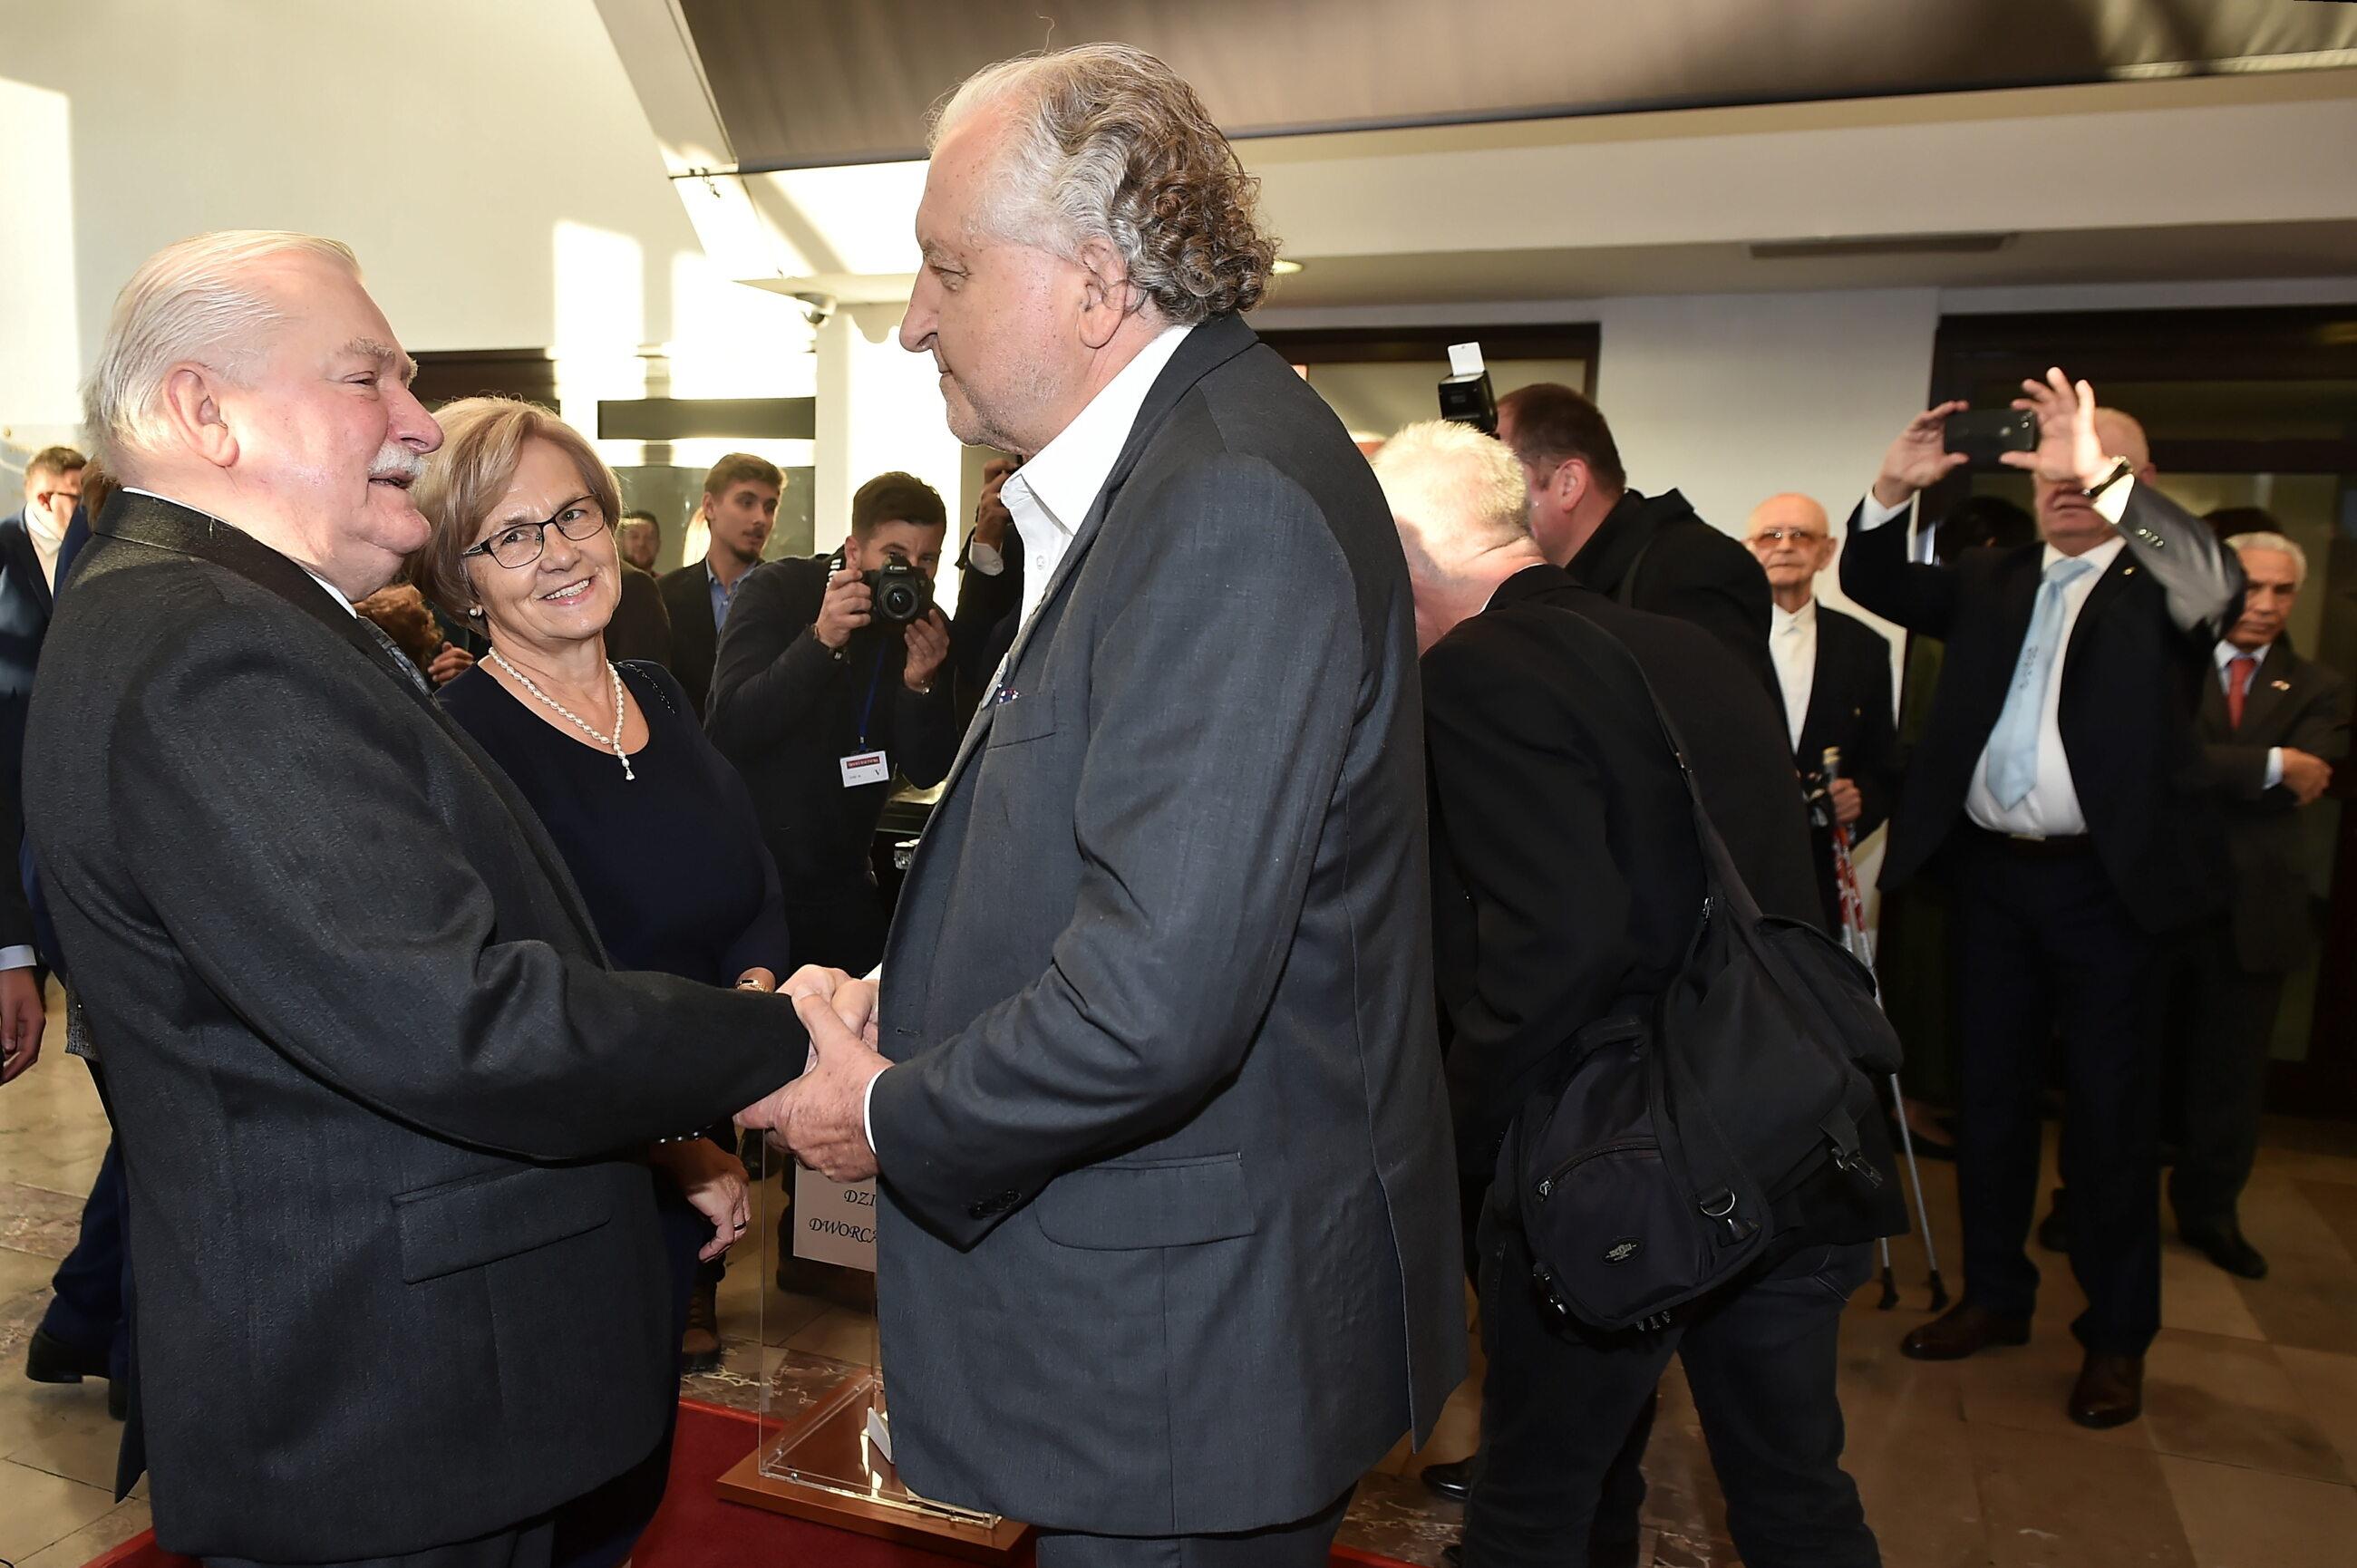 Lech Wałęsa (L) z żoną Danutą (2L) i były prezes Trybunału Konstytucyjnego prof. Andrzej Rzepliński (C)